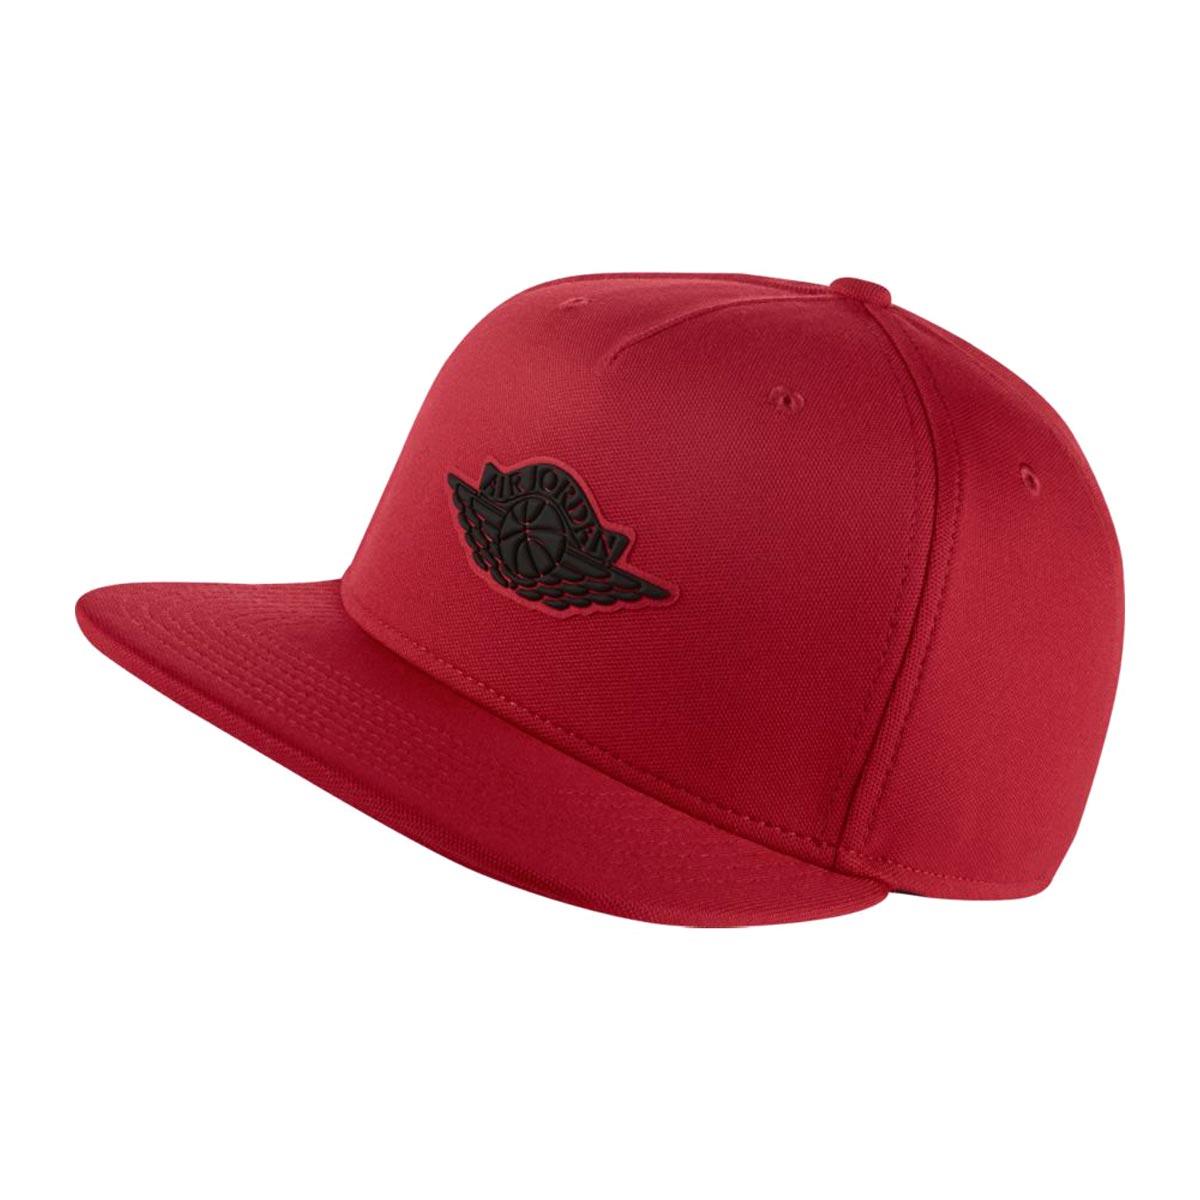 78953922018 atmos pink  NIKE JORDAN WINGS STRAPBACK (Jordan WINGS strap back cap ...